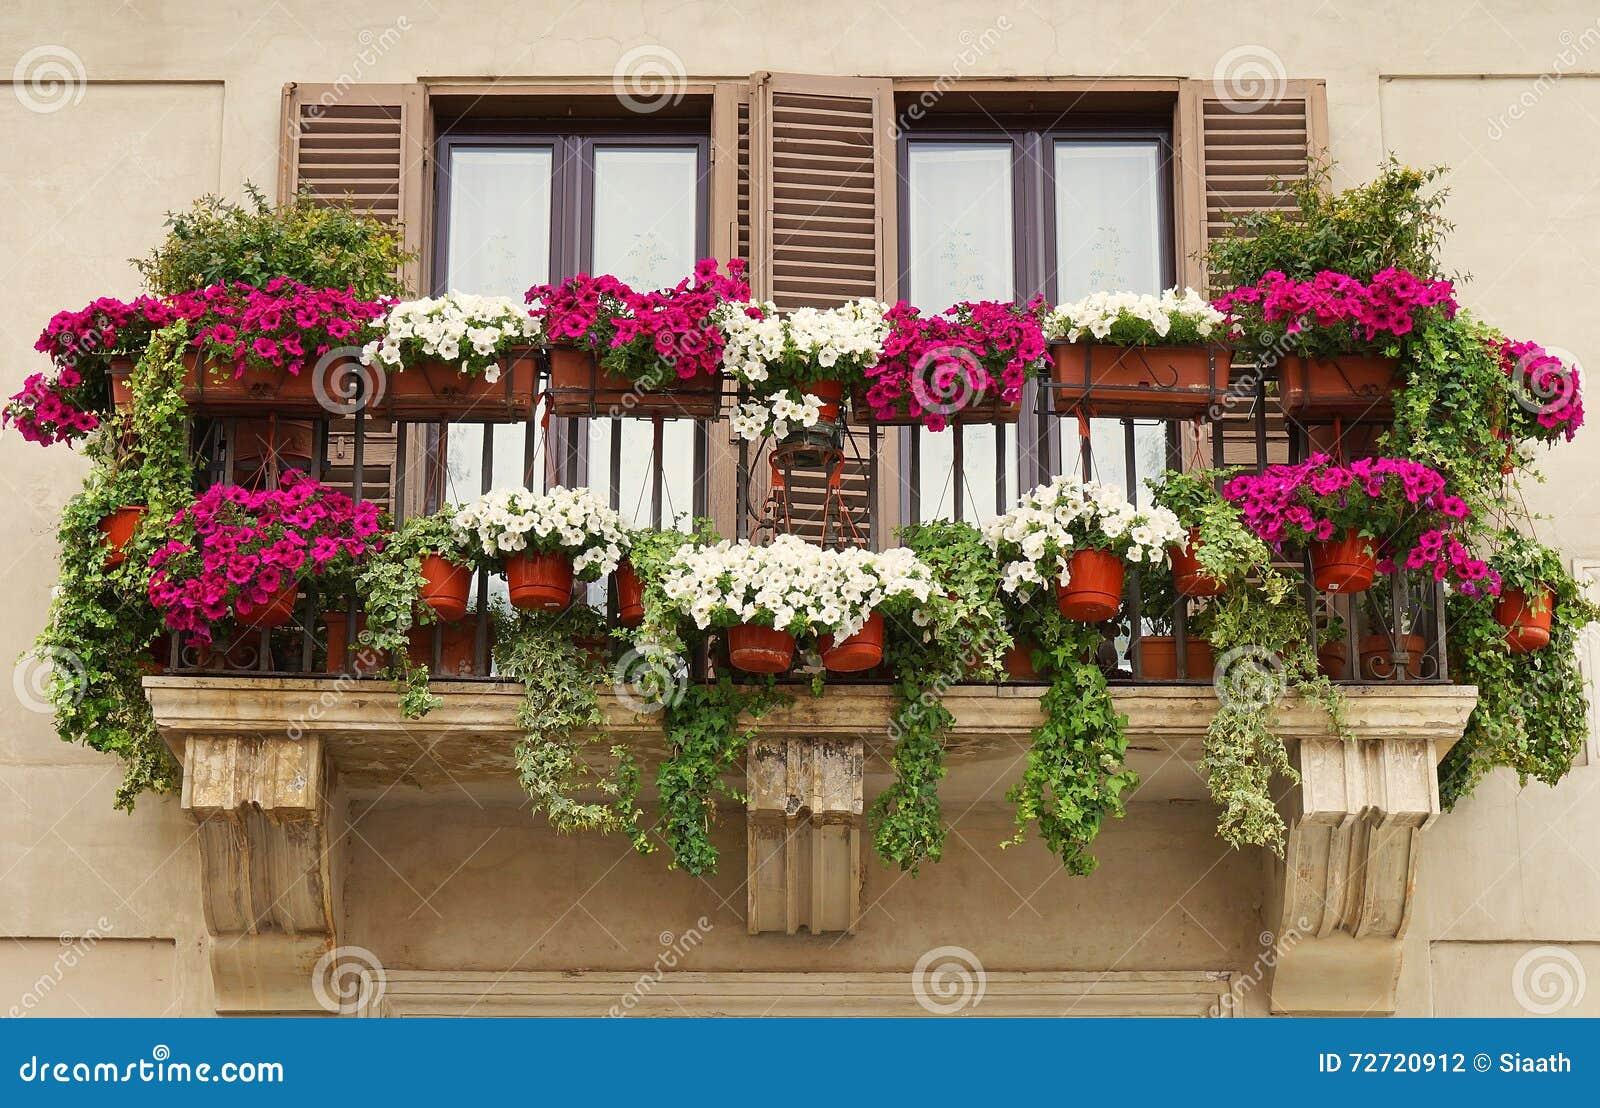 Vasi da fiori sul balcone di vecchia costruzione for Vasi per balcone